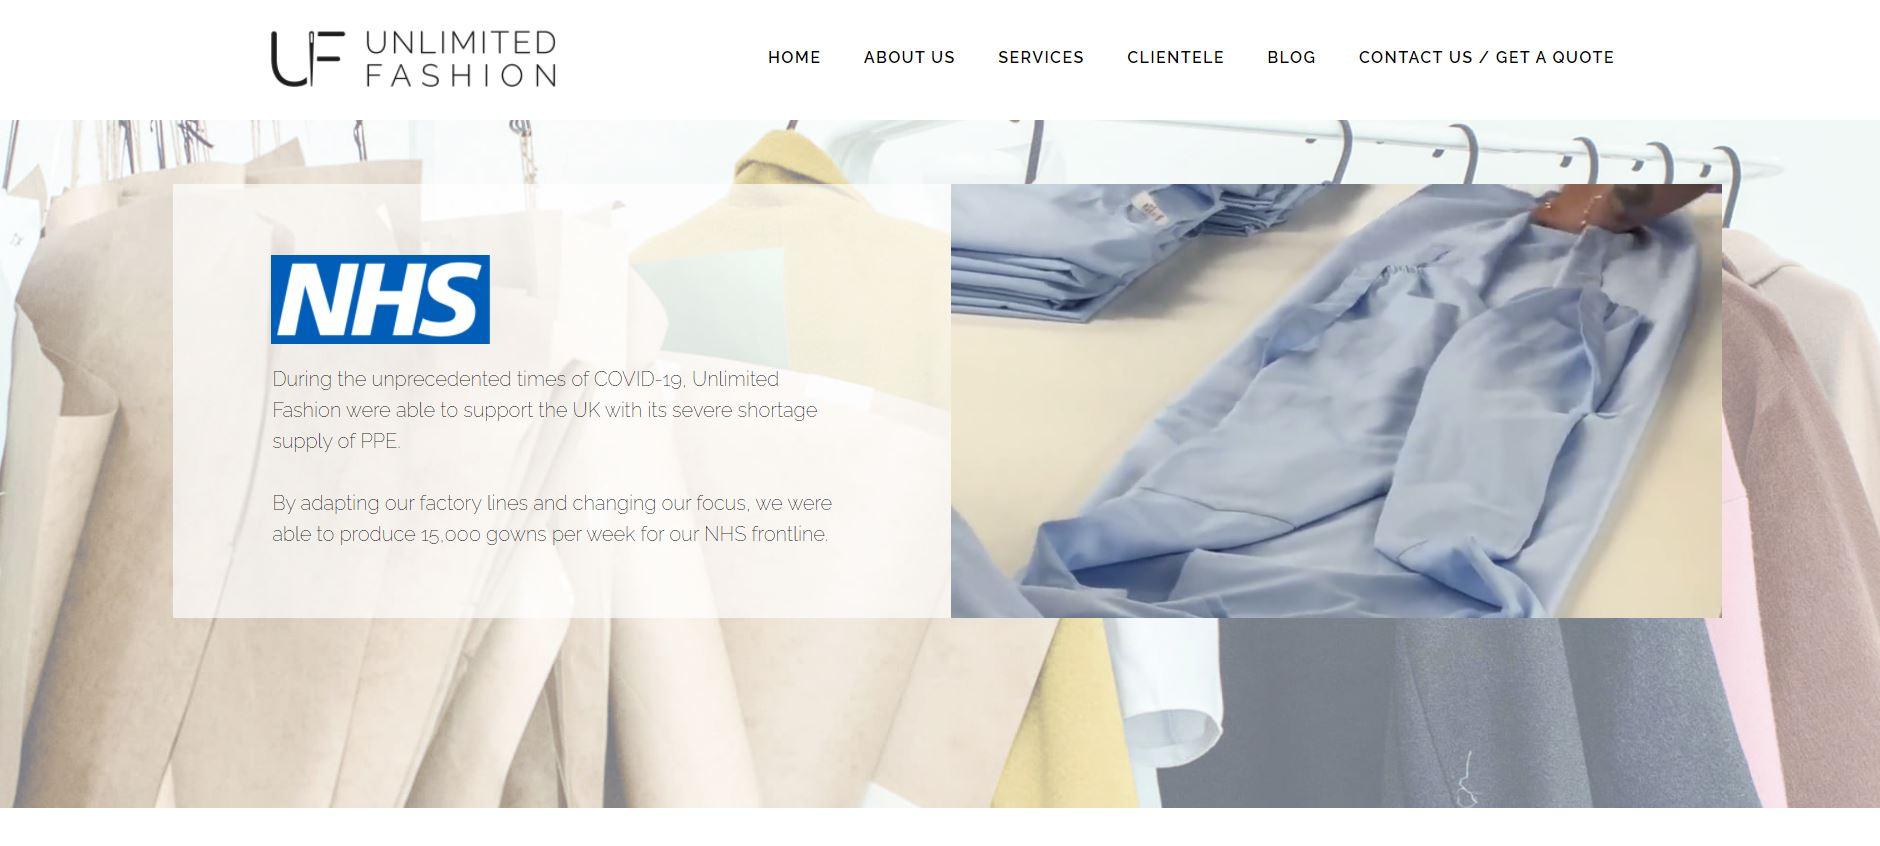 Unlimited Fashion